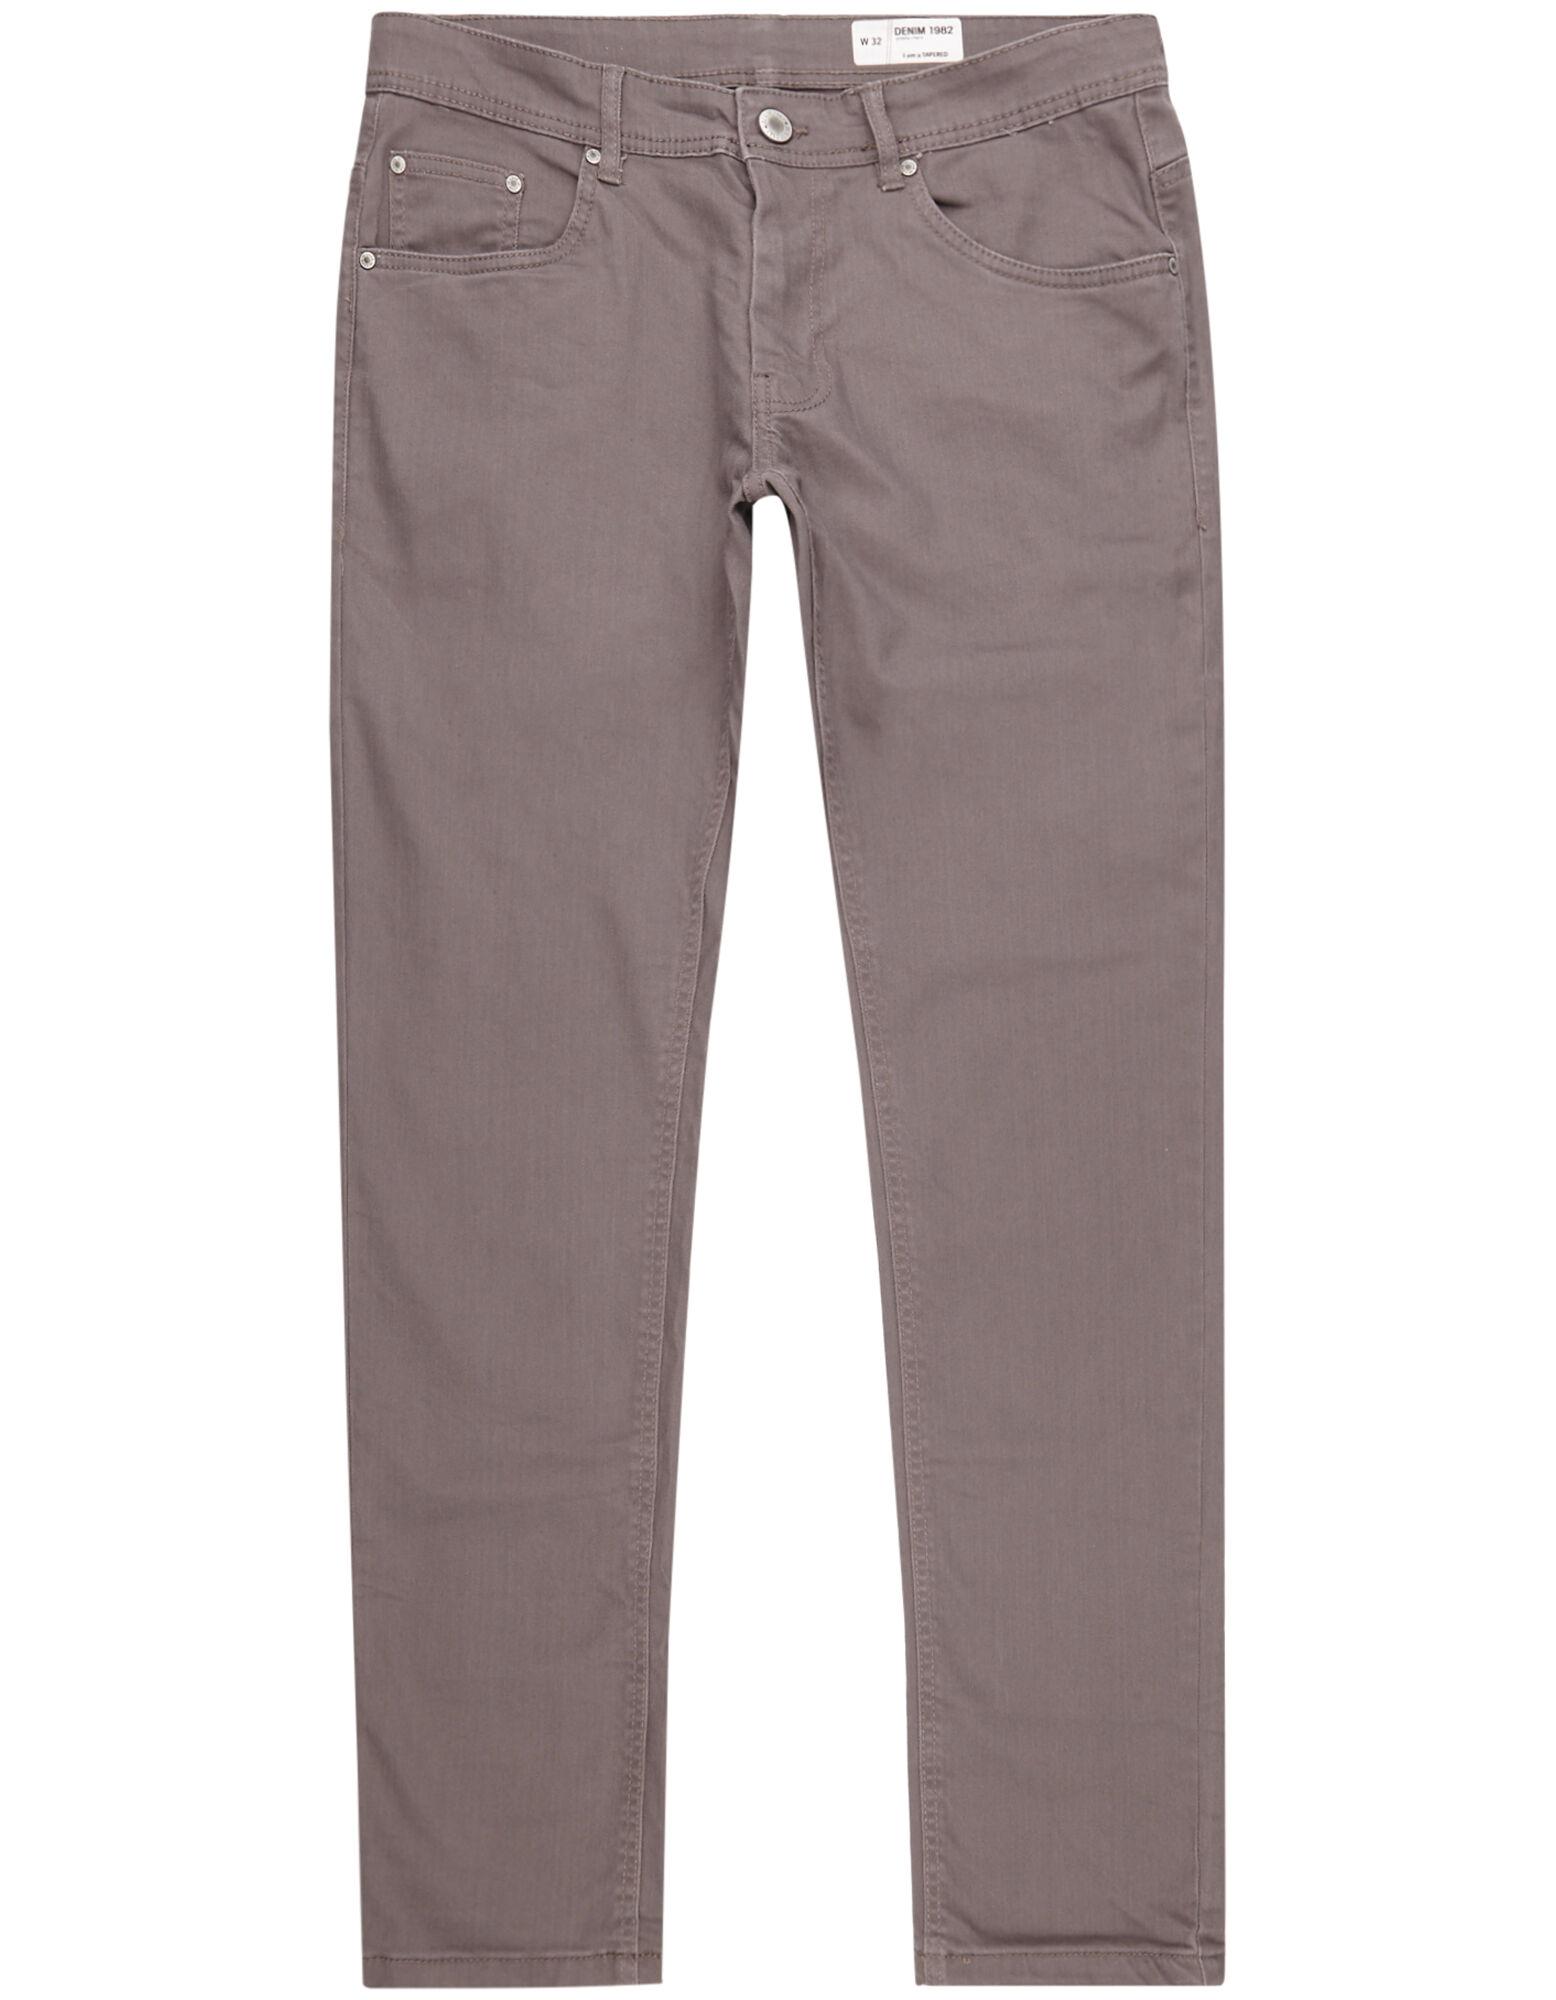 Objective Edc By Esprit Herrenhemd Langarm Leicht Tailliert Größe M =48-50 Neuwertig !! Kleidung & Accessoires